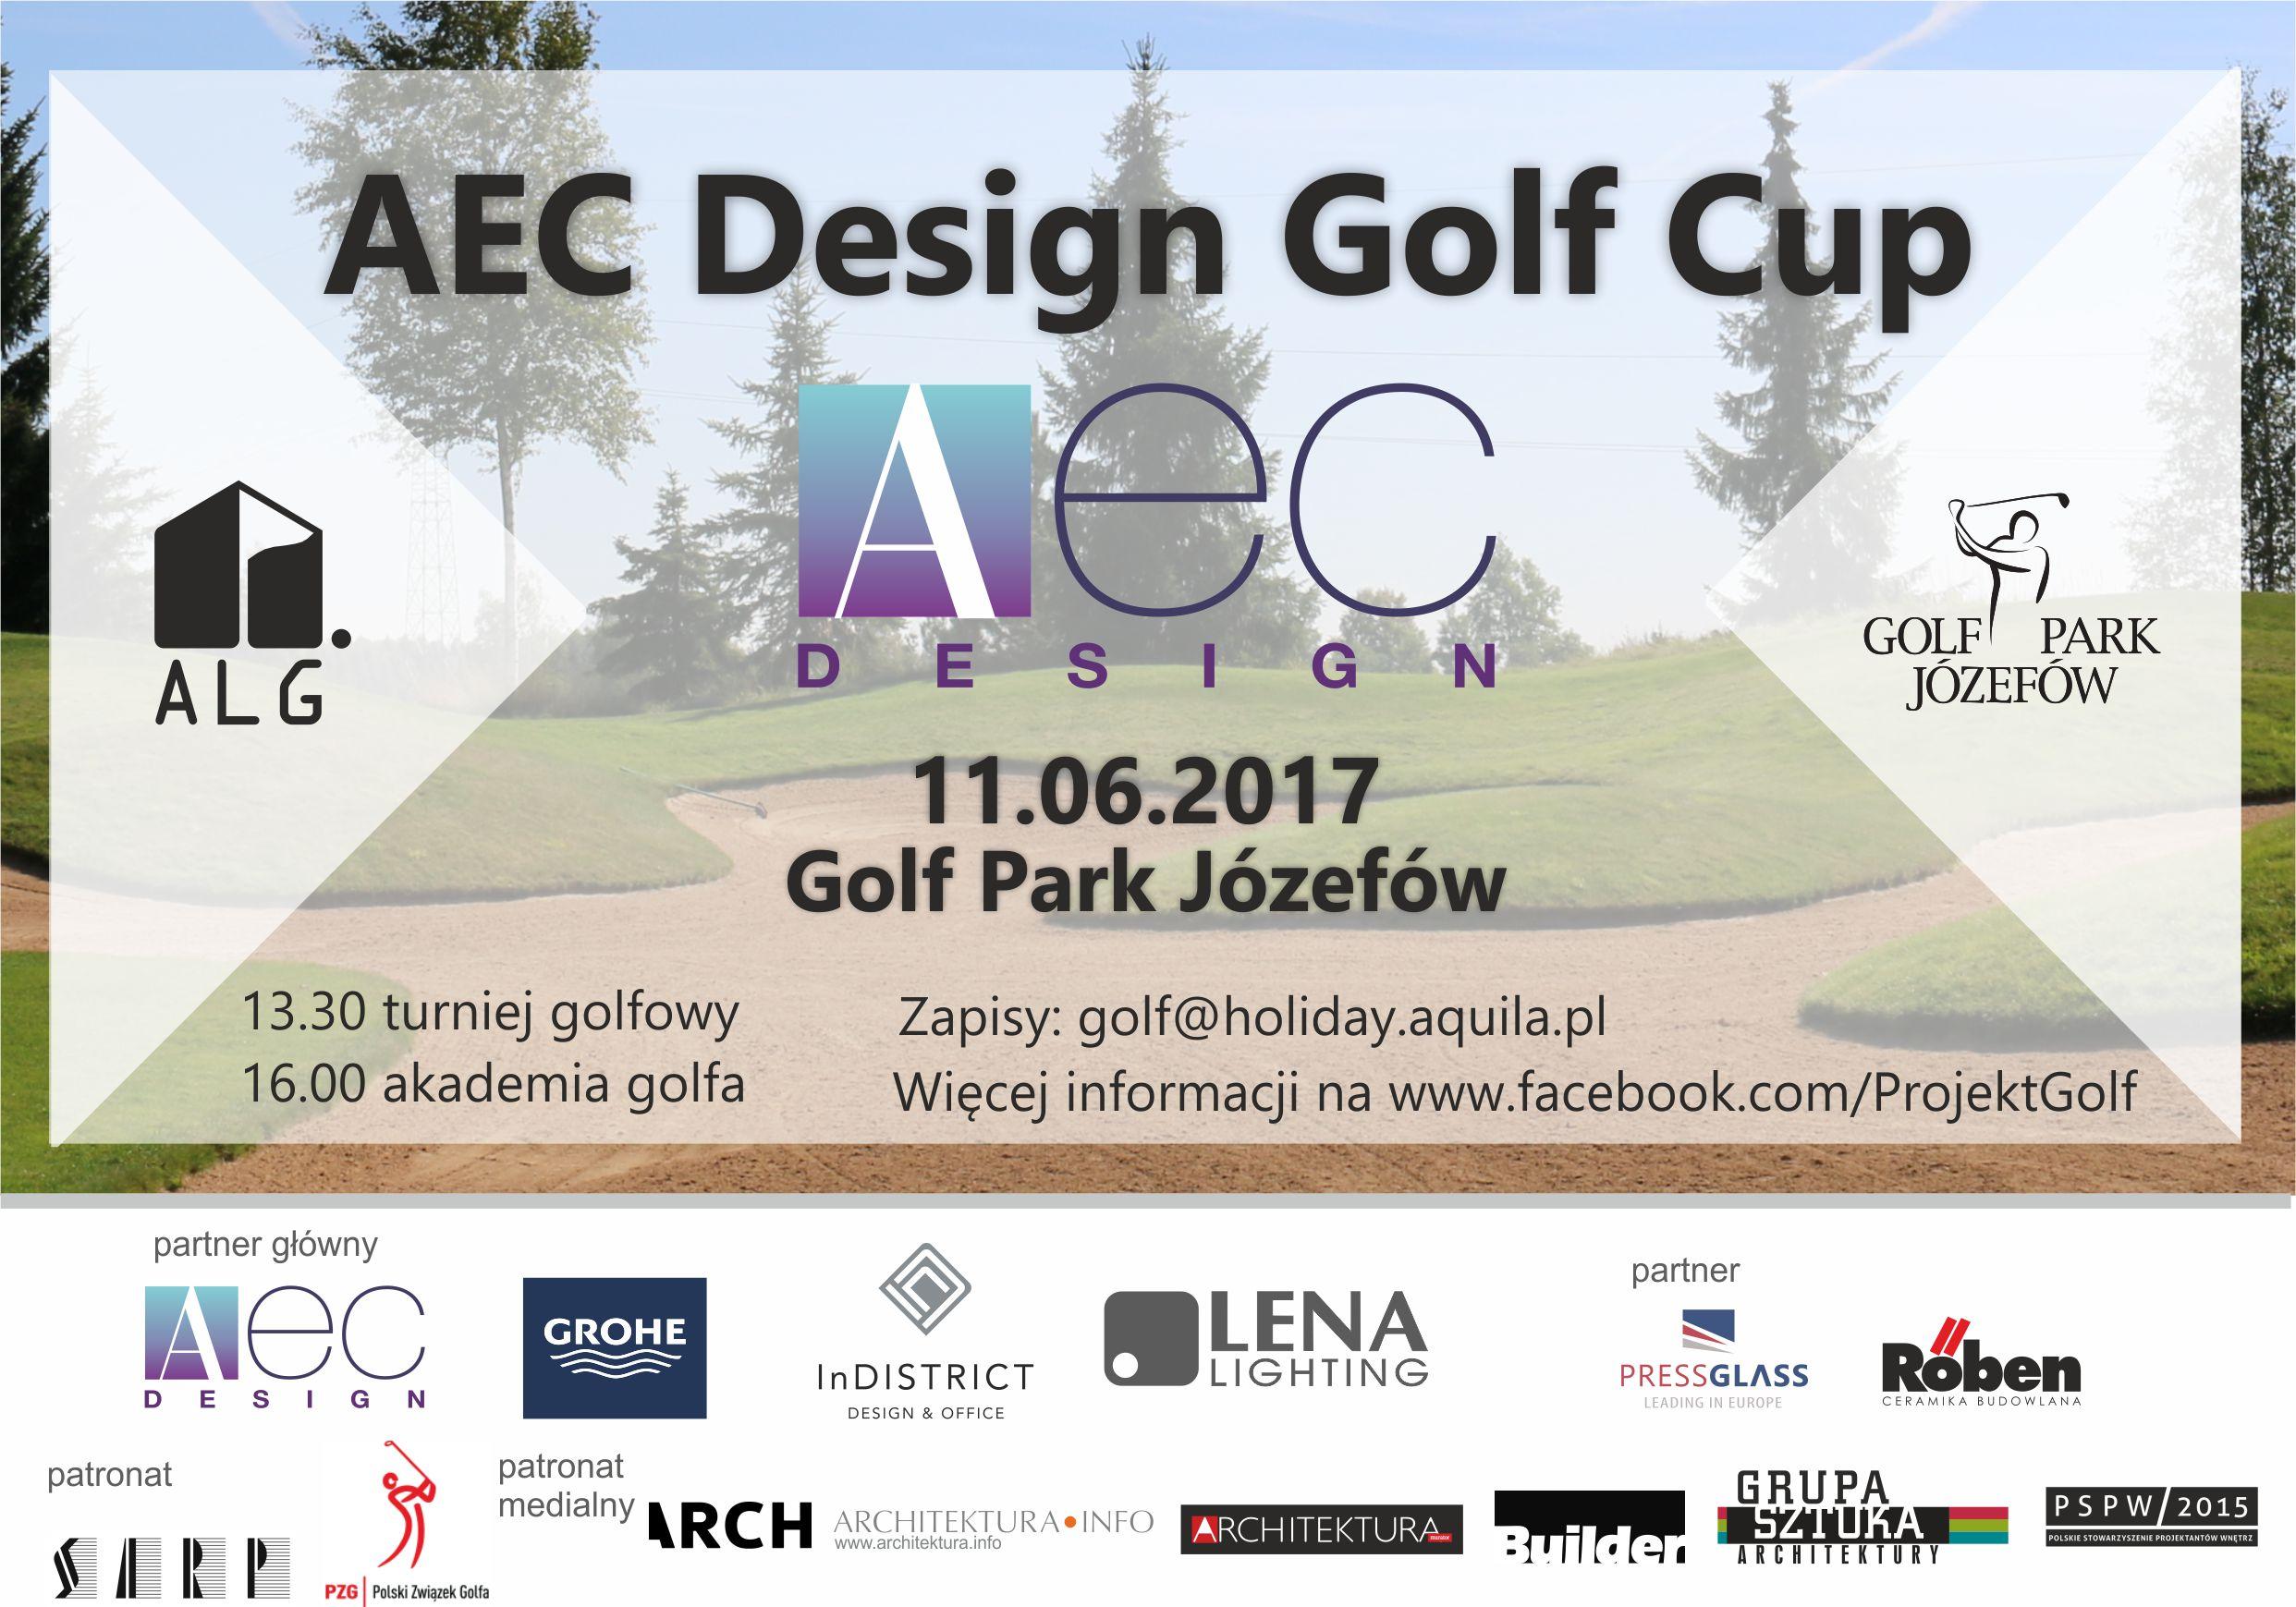 LIGA GOLFA – AEC DESIGN GOLF CUP